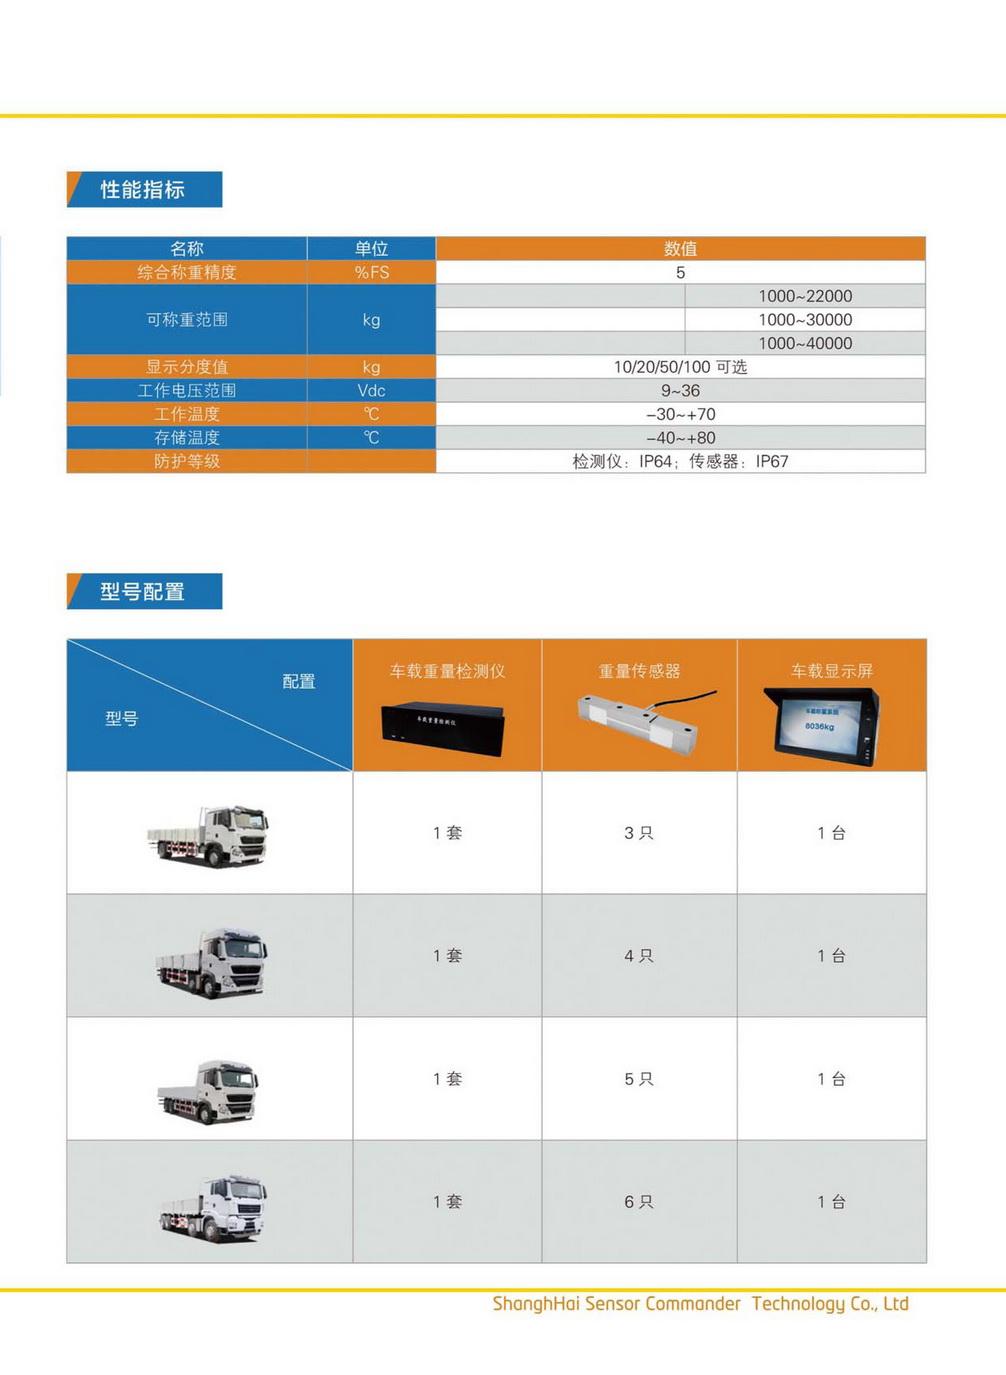 尚测科技产品选型手册 V1.3_页面_84_调整大小.jpg